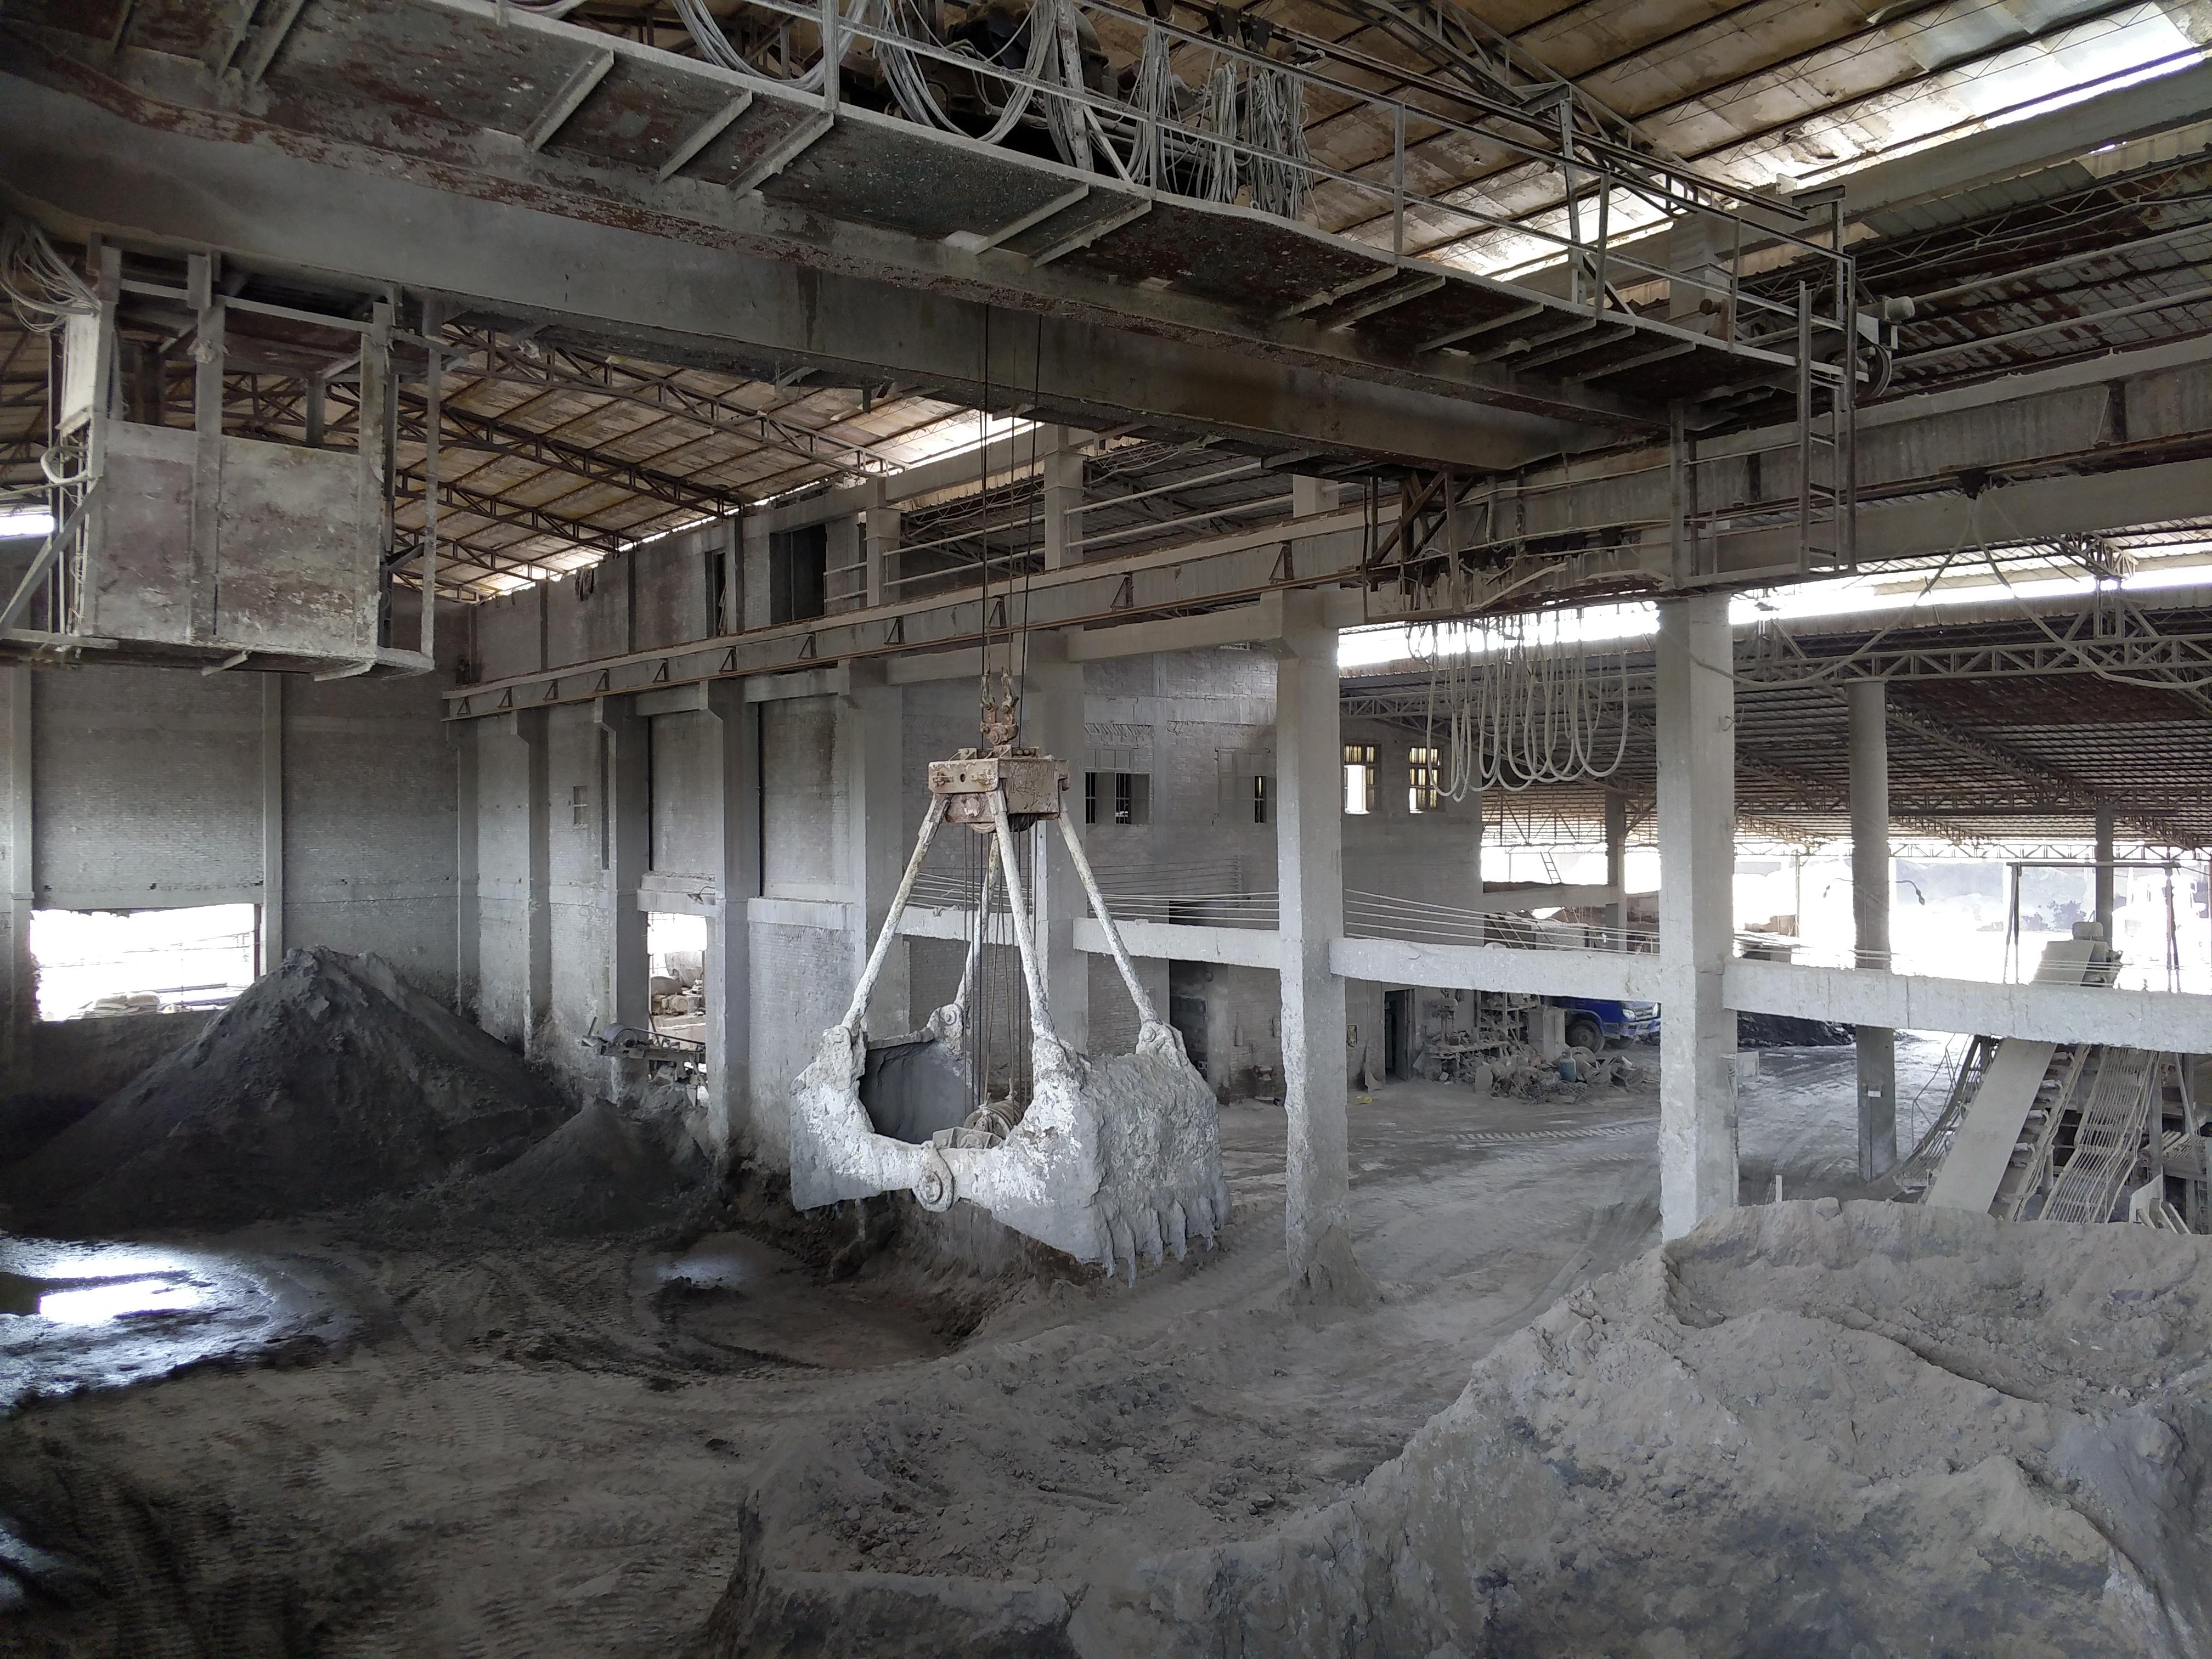 磷矿吊车仓库